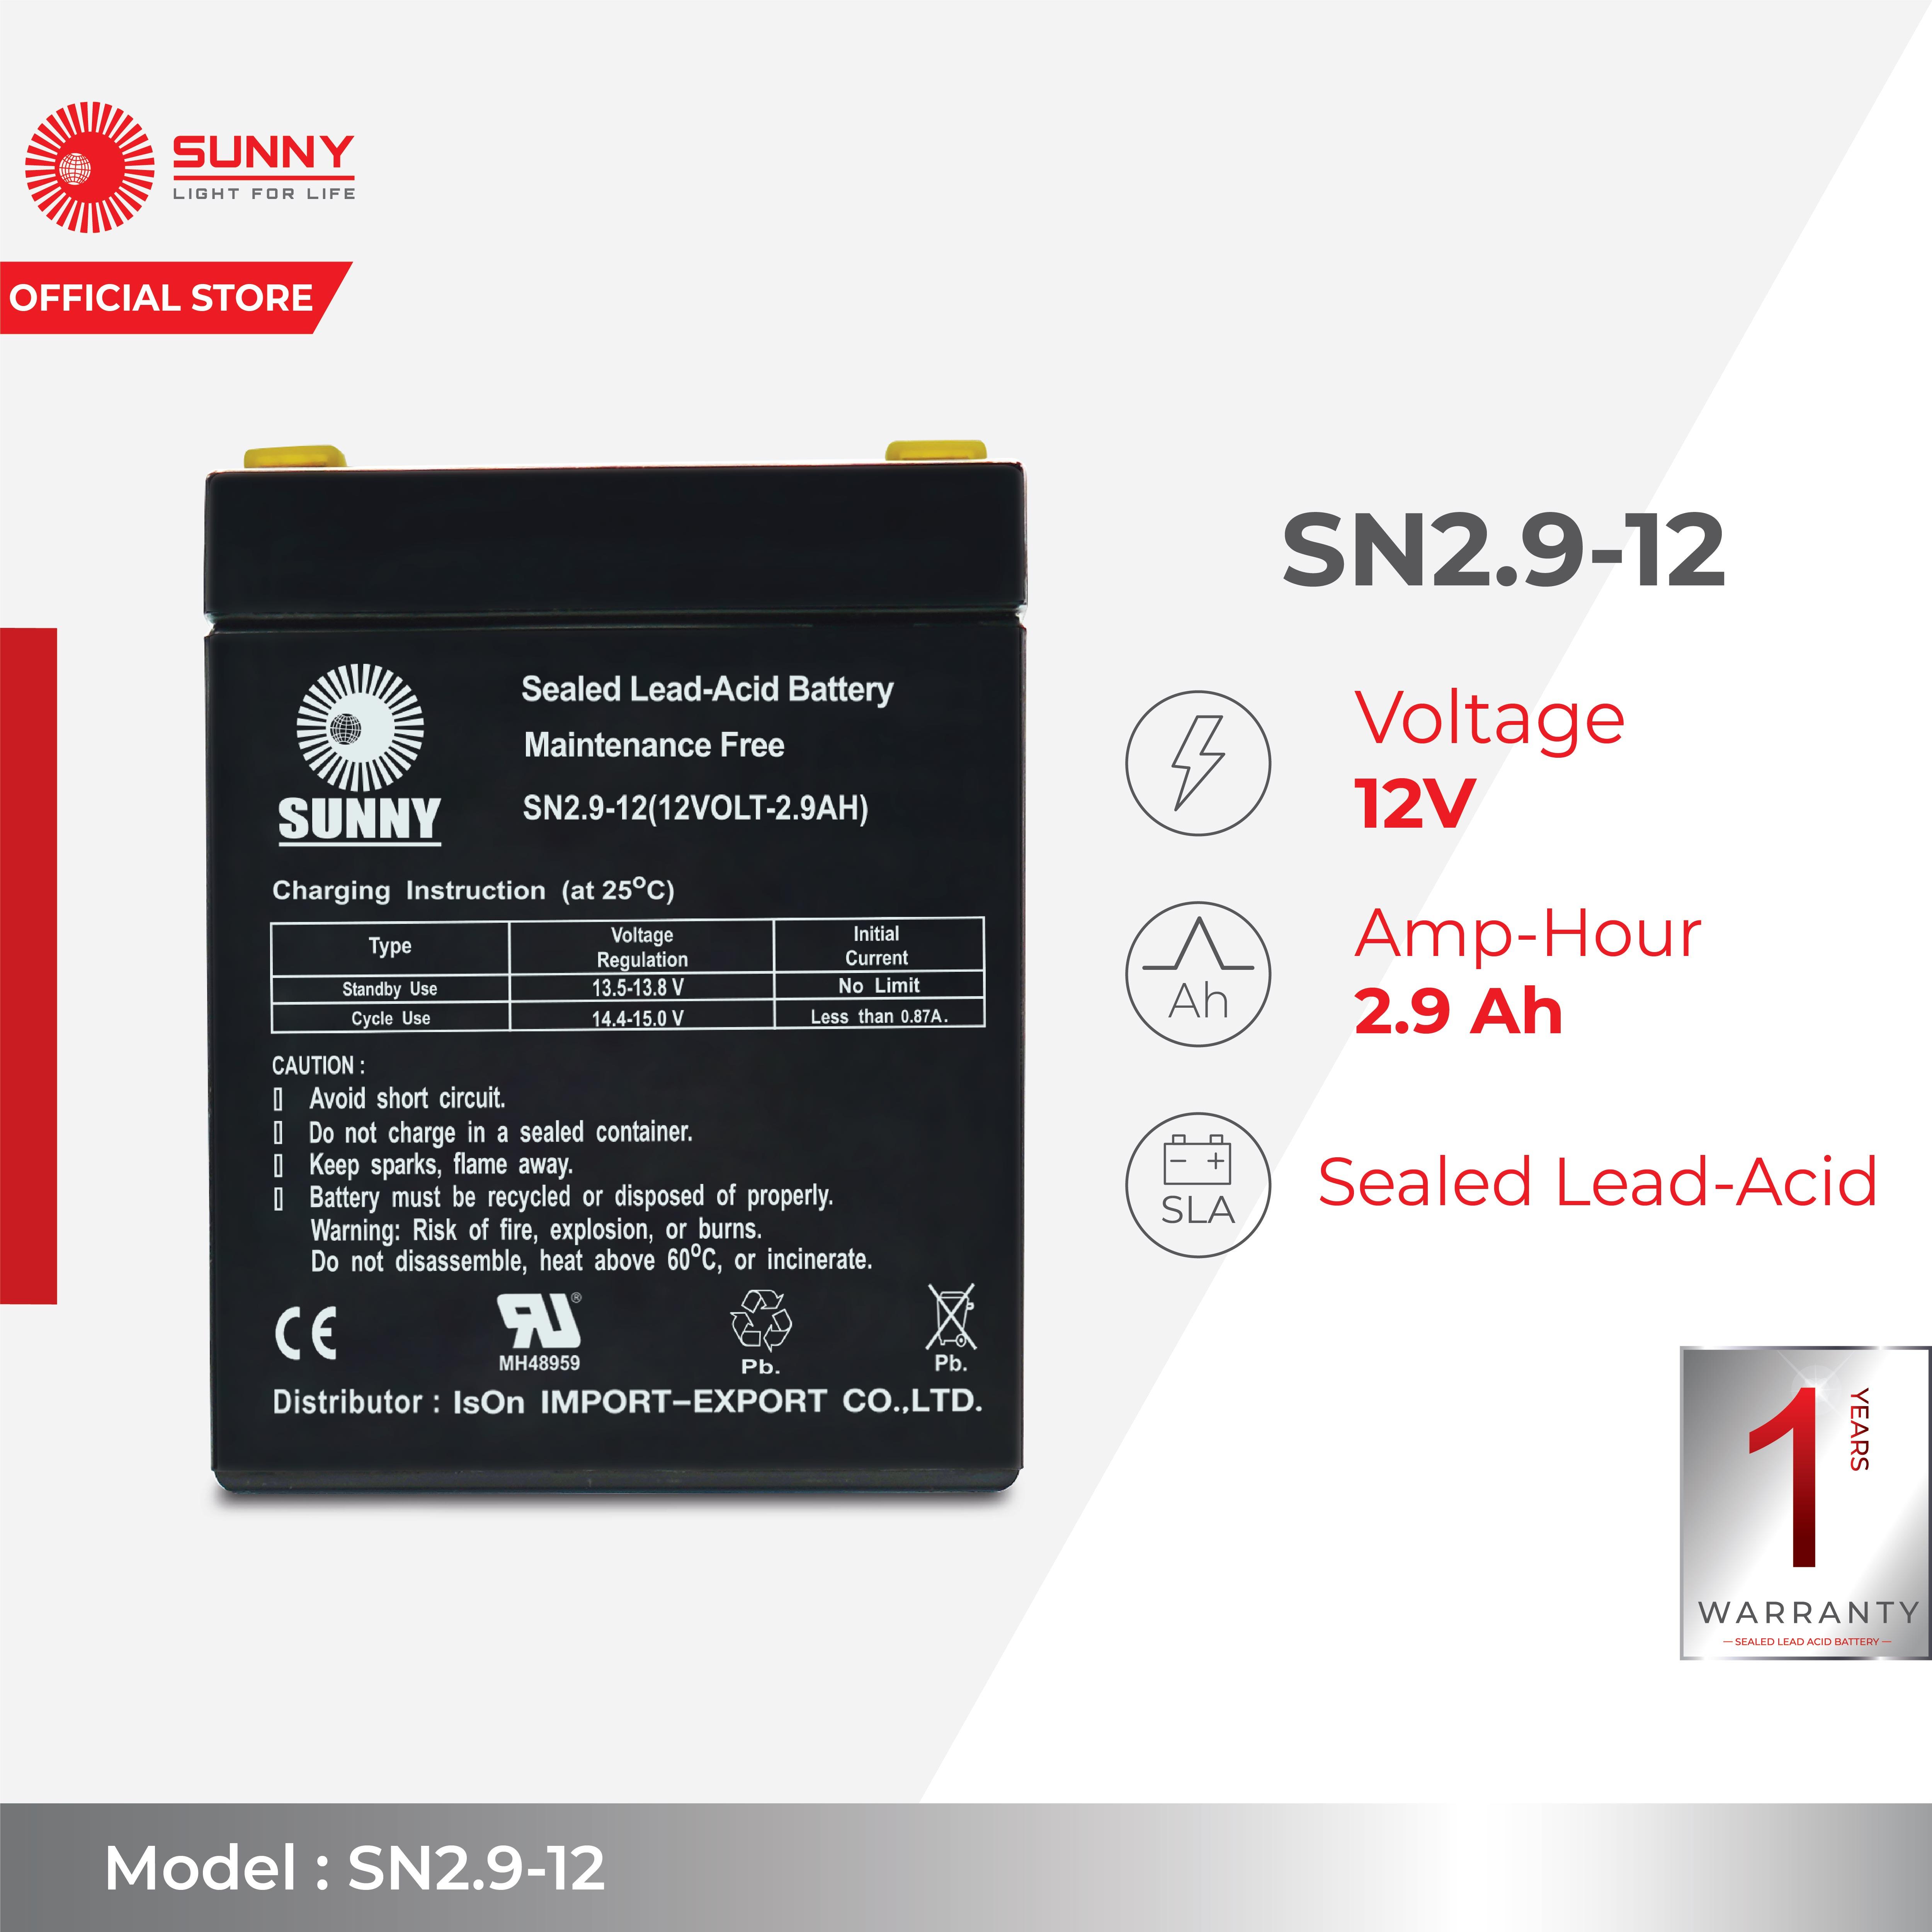 SUNNY เเบตเตอรี่เเห้ง SLA 12V 2.9Ah รุ่น SN2.9-12 Battery Sealed Lead Acid เหมาะสำหรับไฟสำรองฉุกเฉิน/UPS/ระบบเตือนภัย